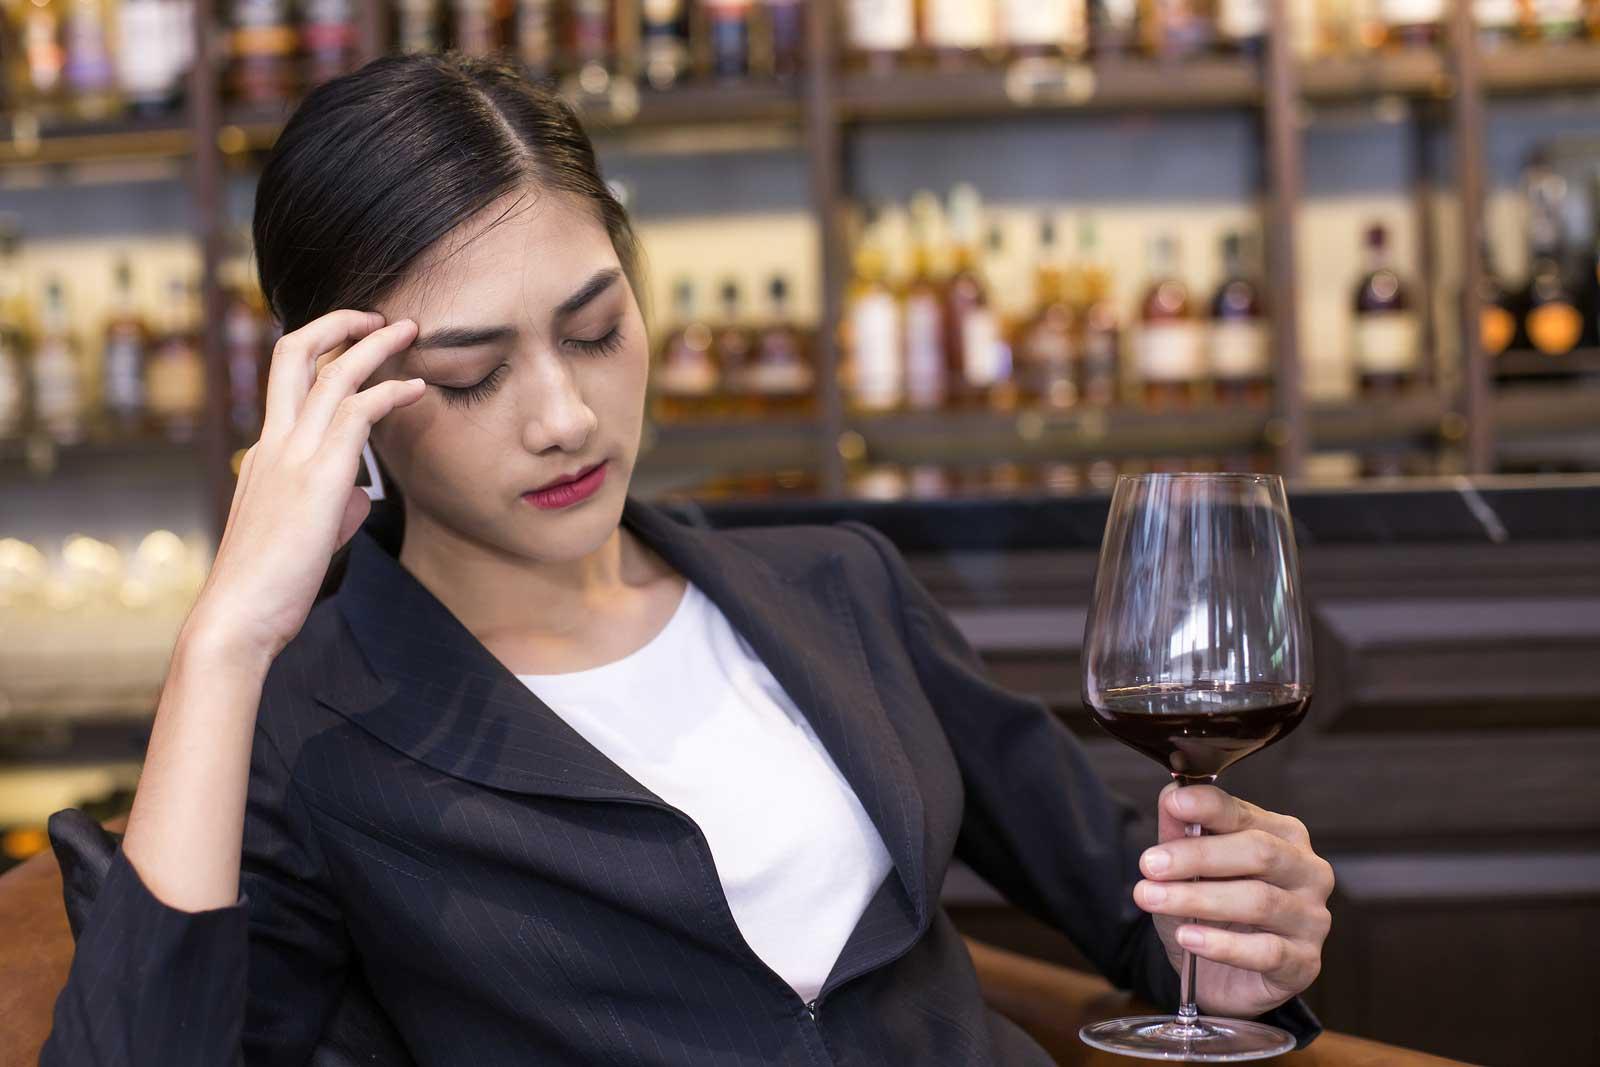 Can alcohol cause vertigo? - Dr. Kim Bell, DPT - San Diego Vertigo Doctor